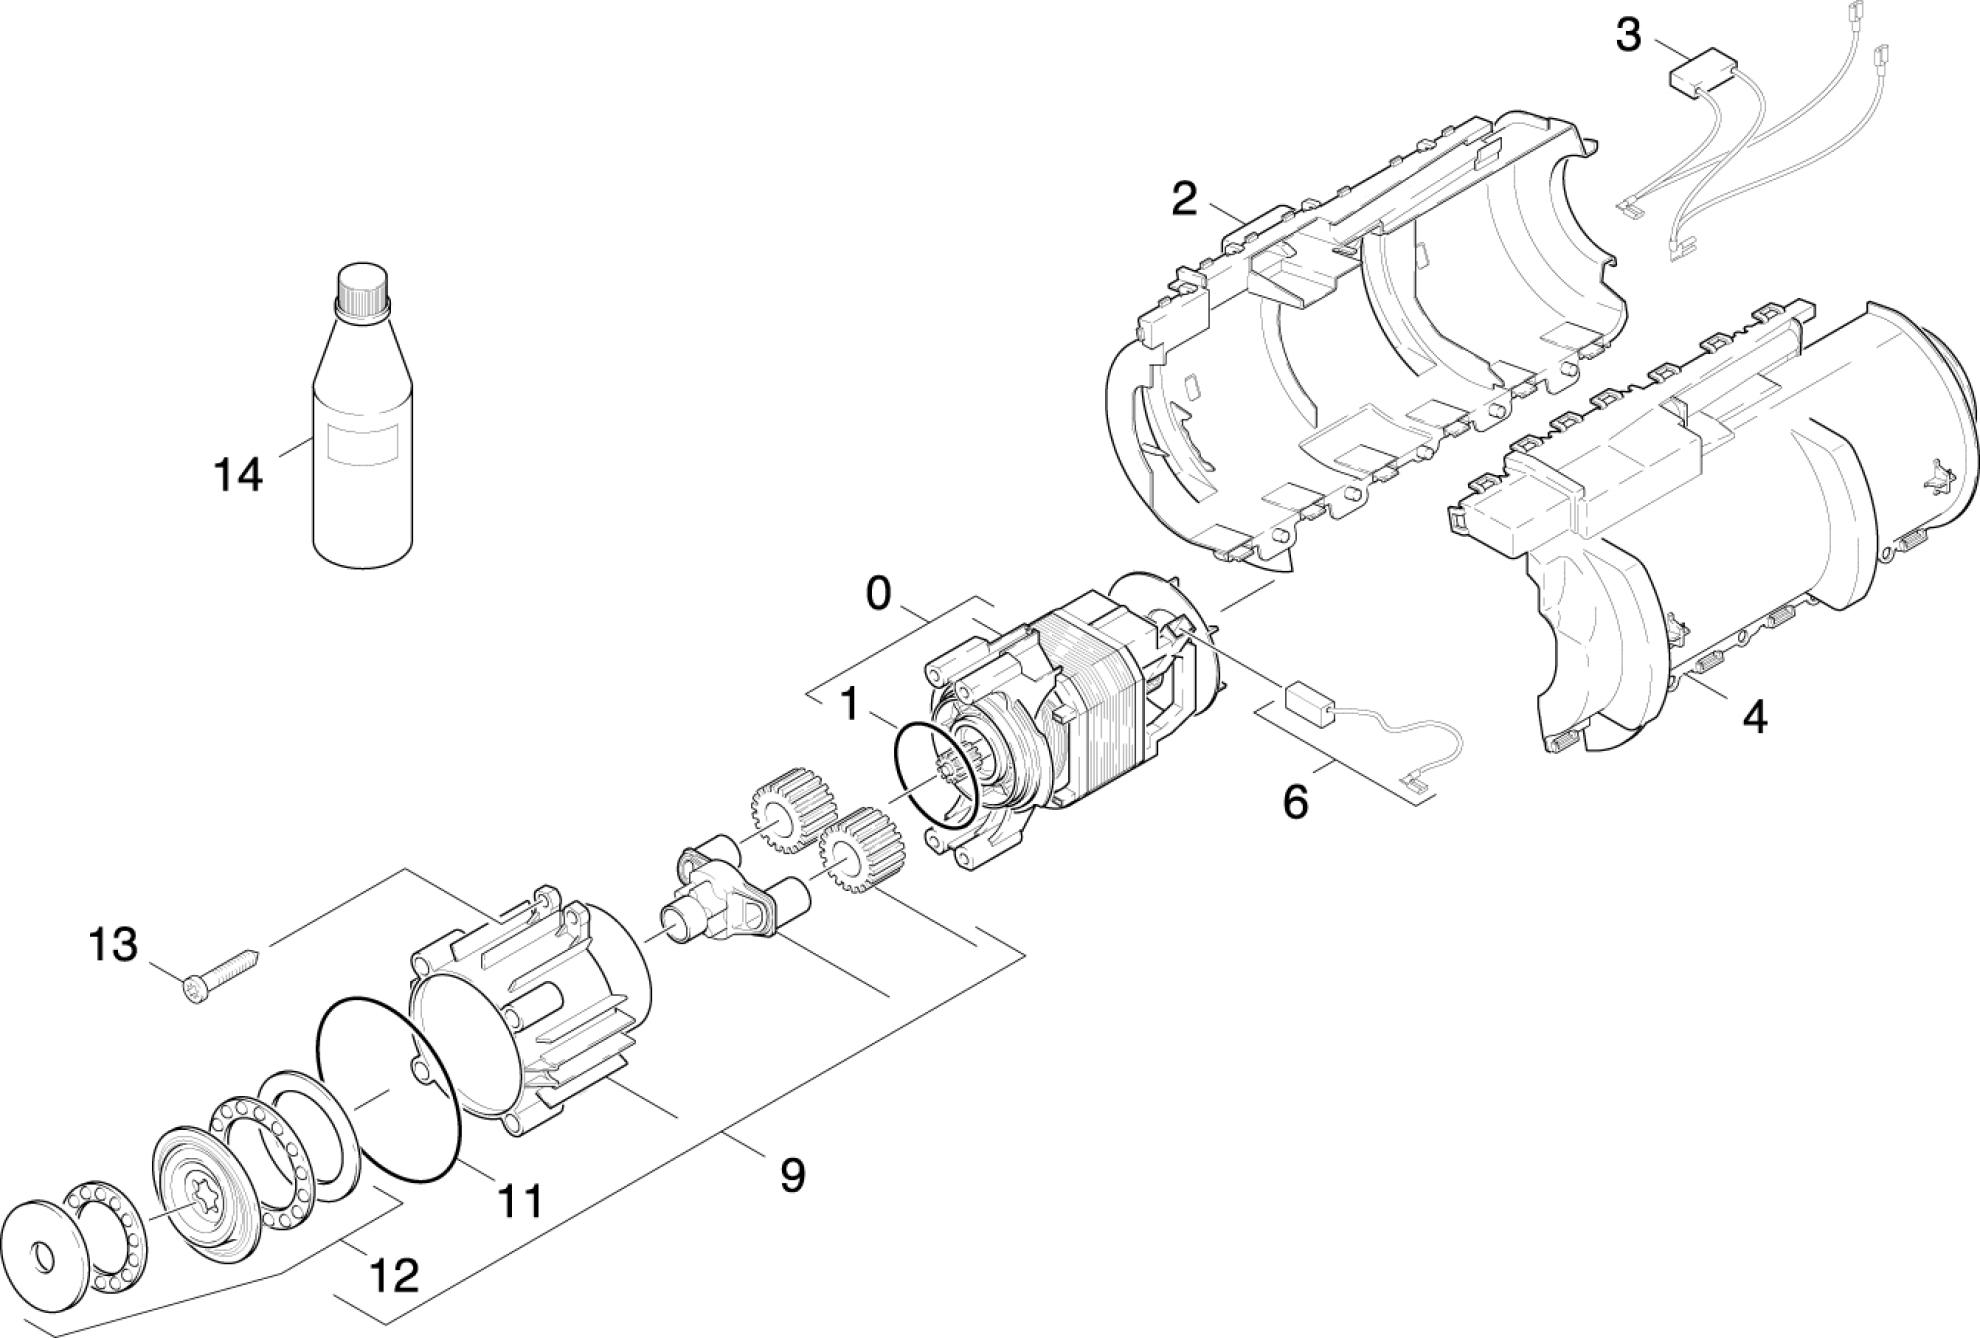 Pi ces d tach es nettoyeur haute pression karcher k 210 - Pieces detachees karcher ...